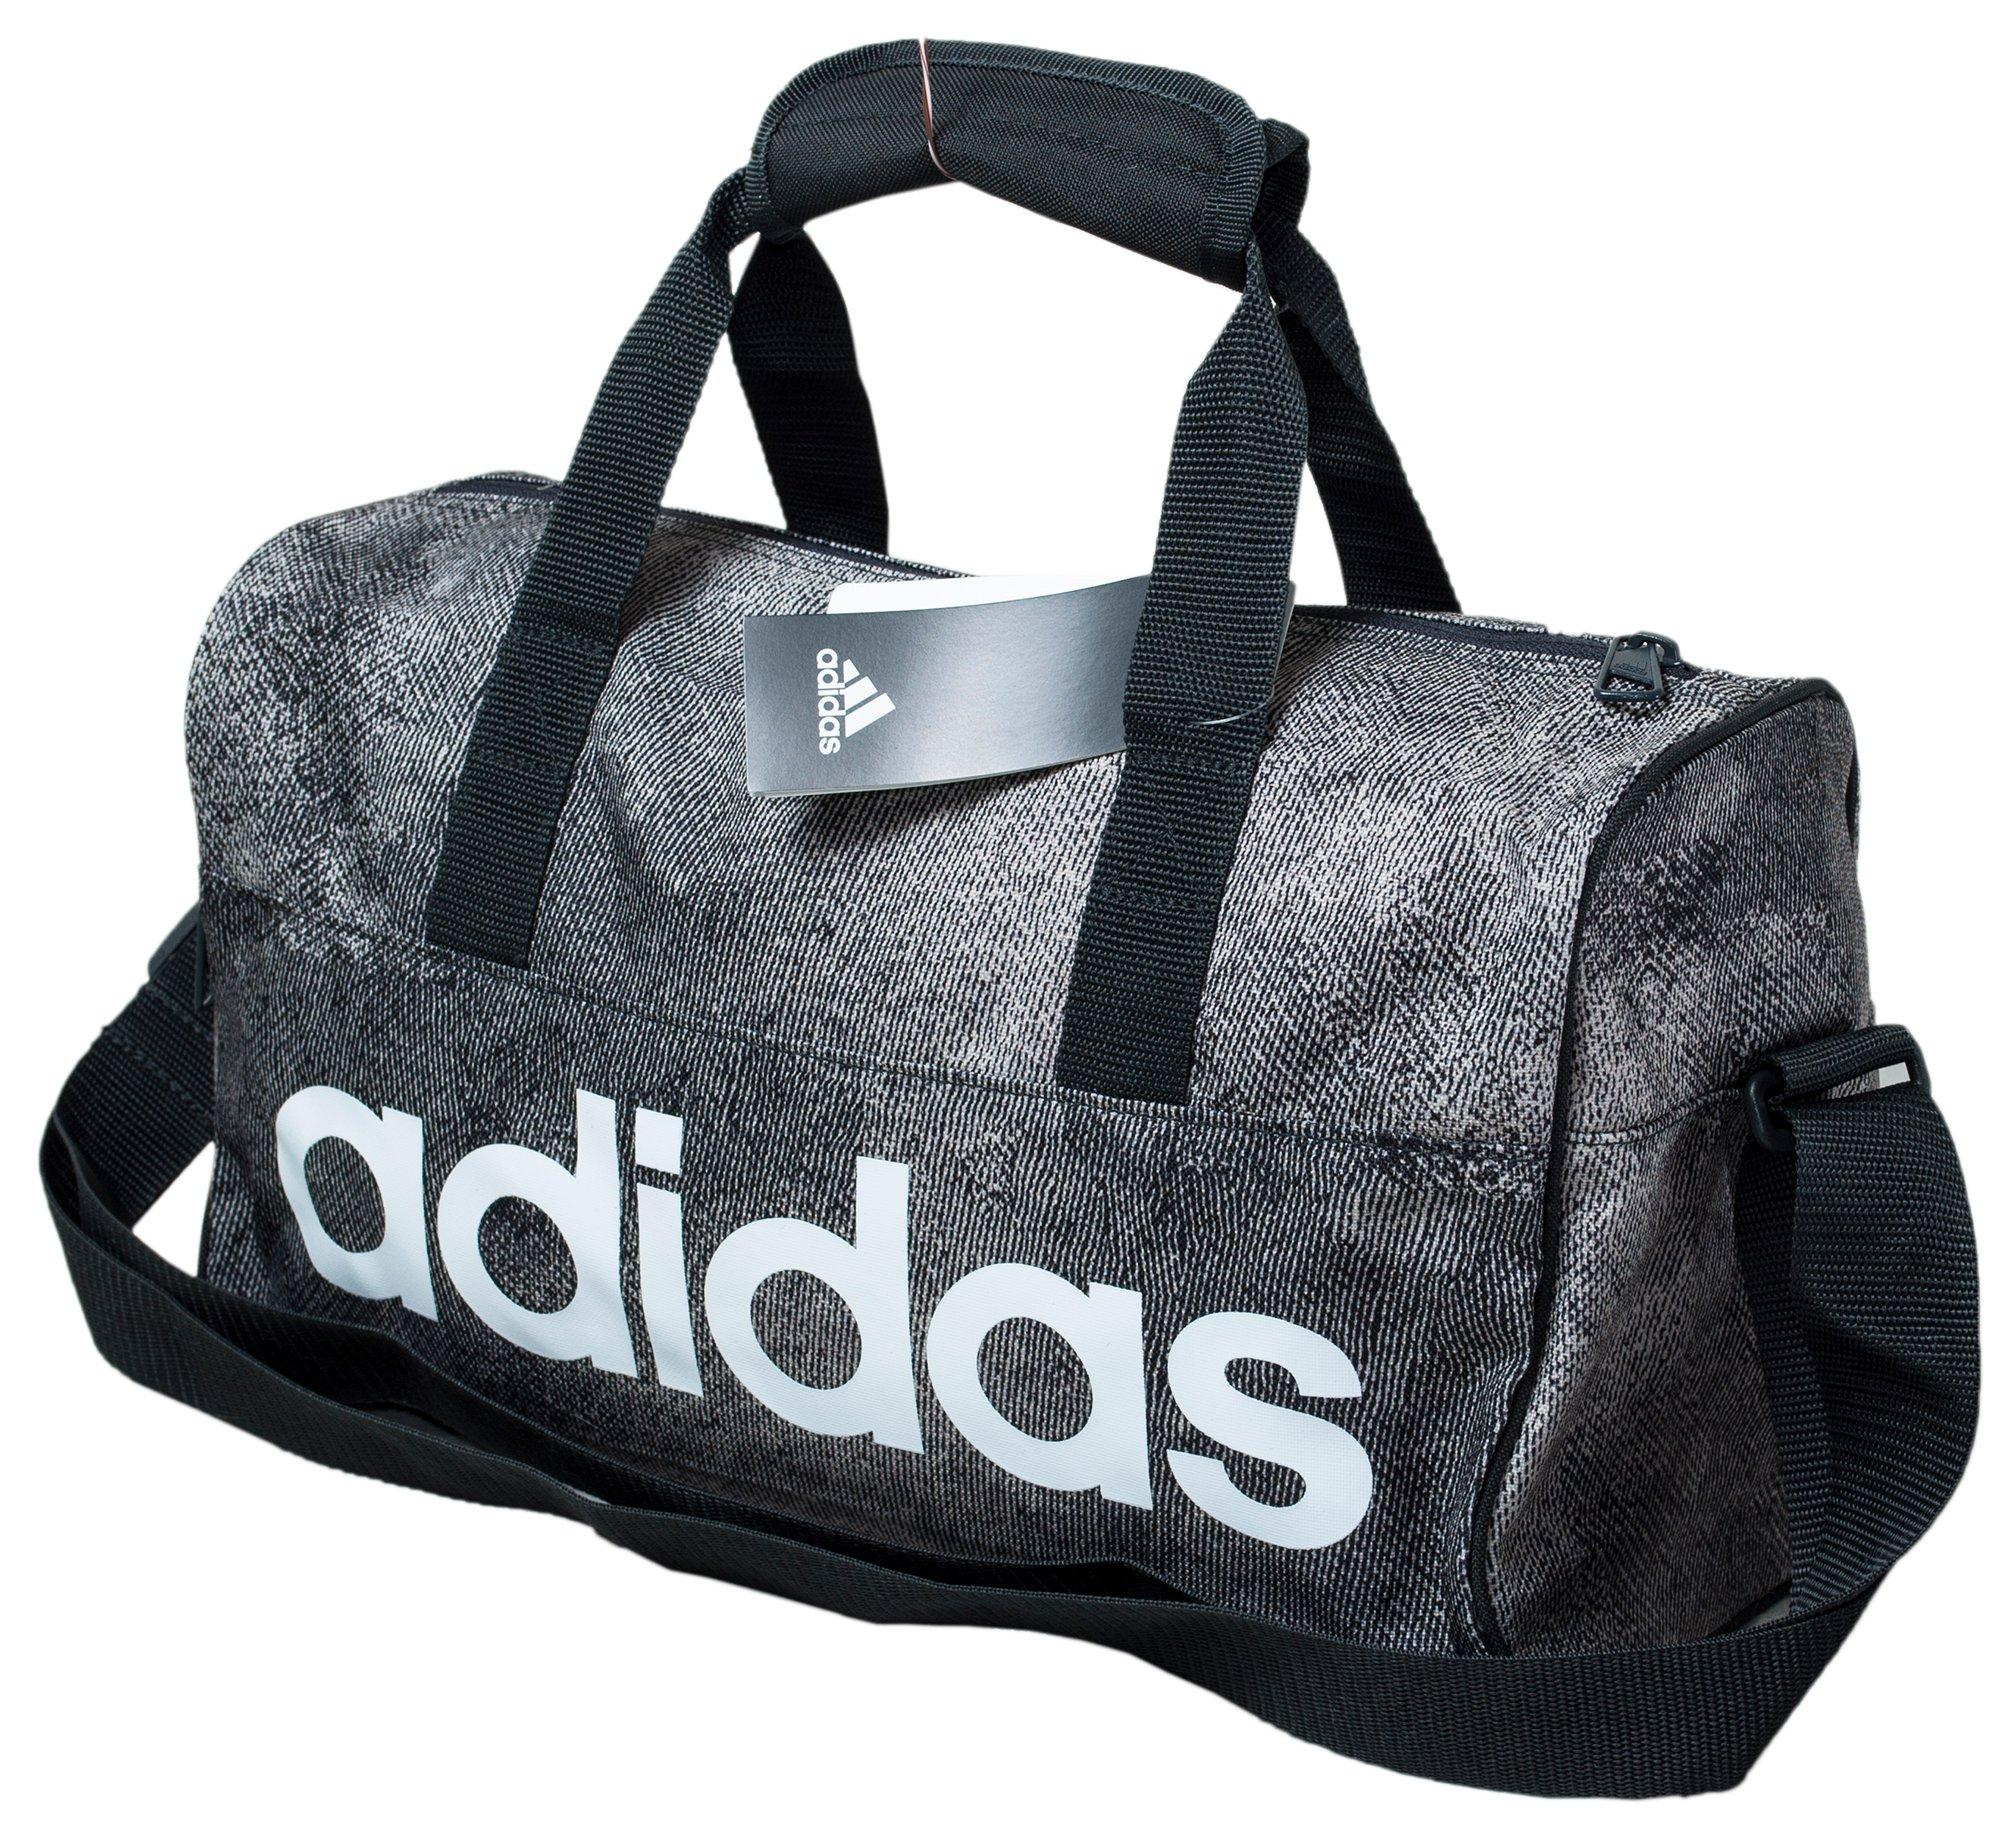 bae9ff85a816 ... ADIDAS BARDZO FAJNA mała torba sportowa XS